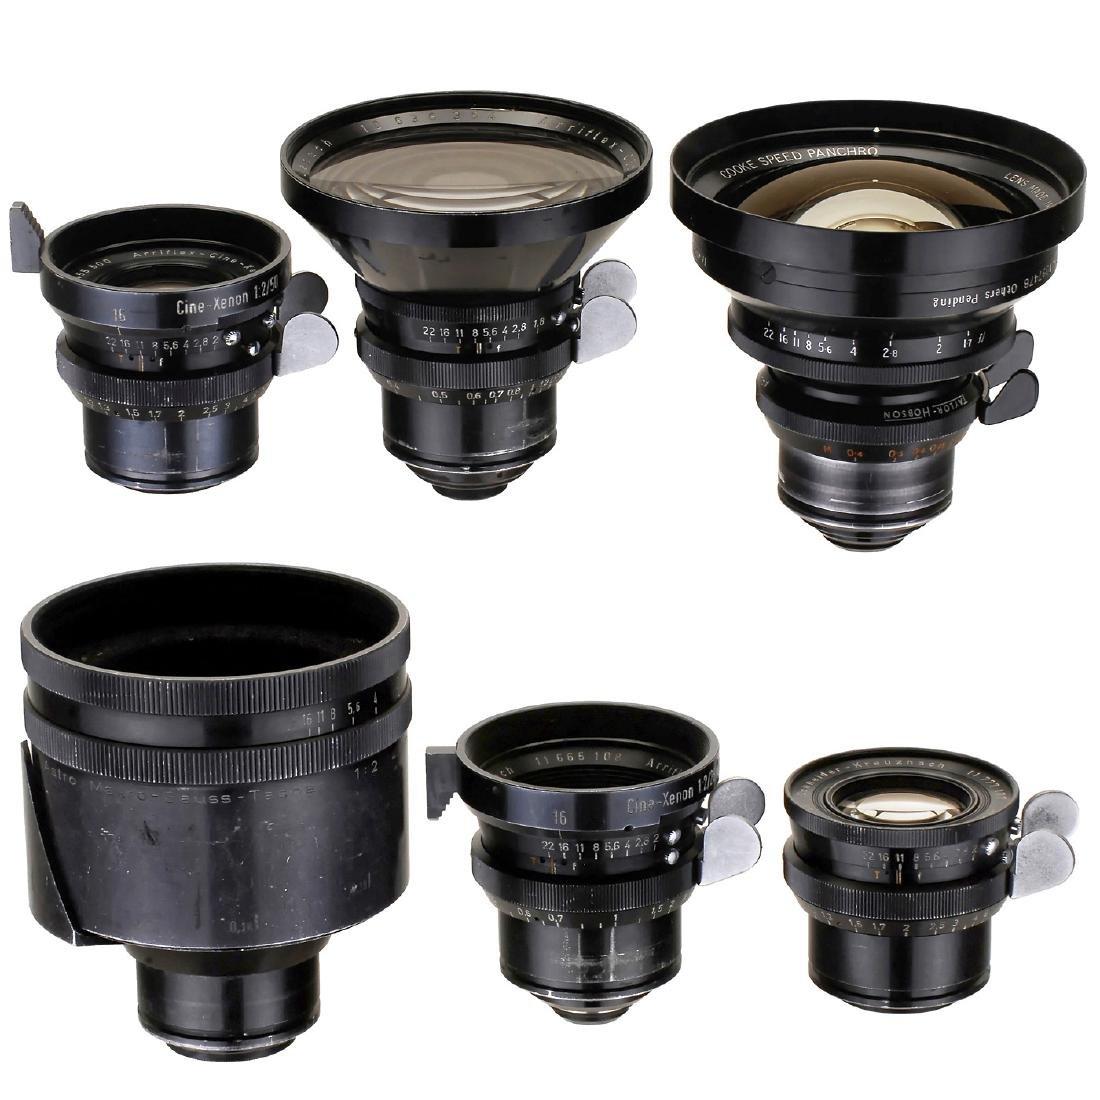 6 Lenses for Arriflex St